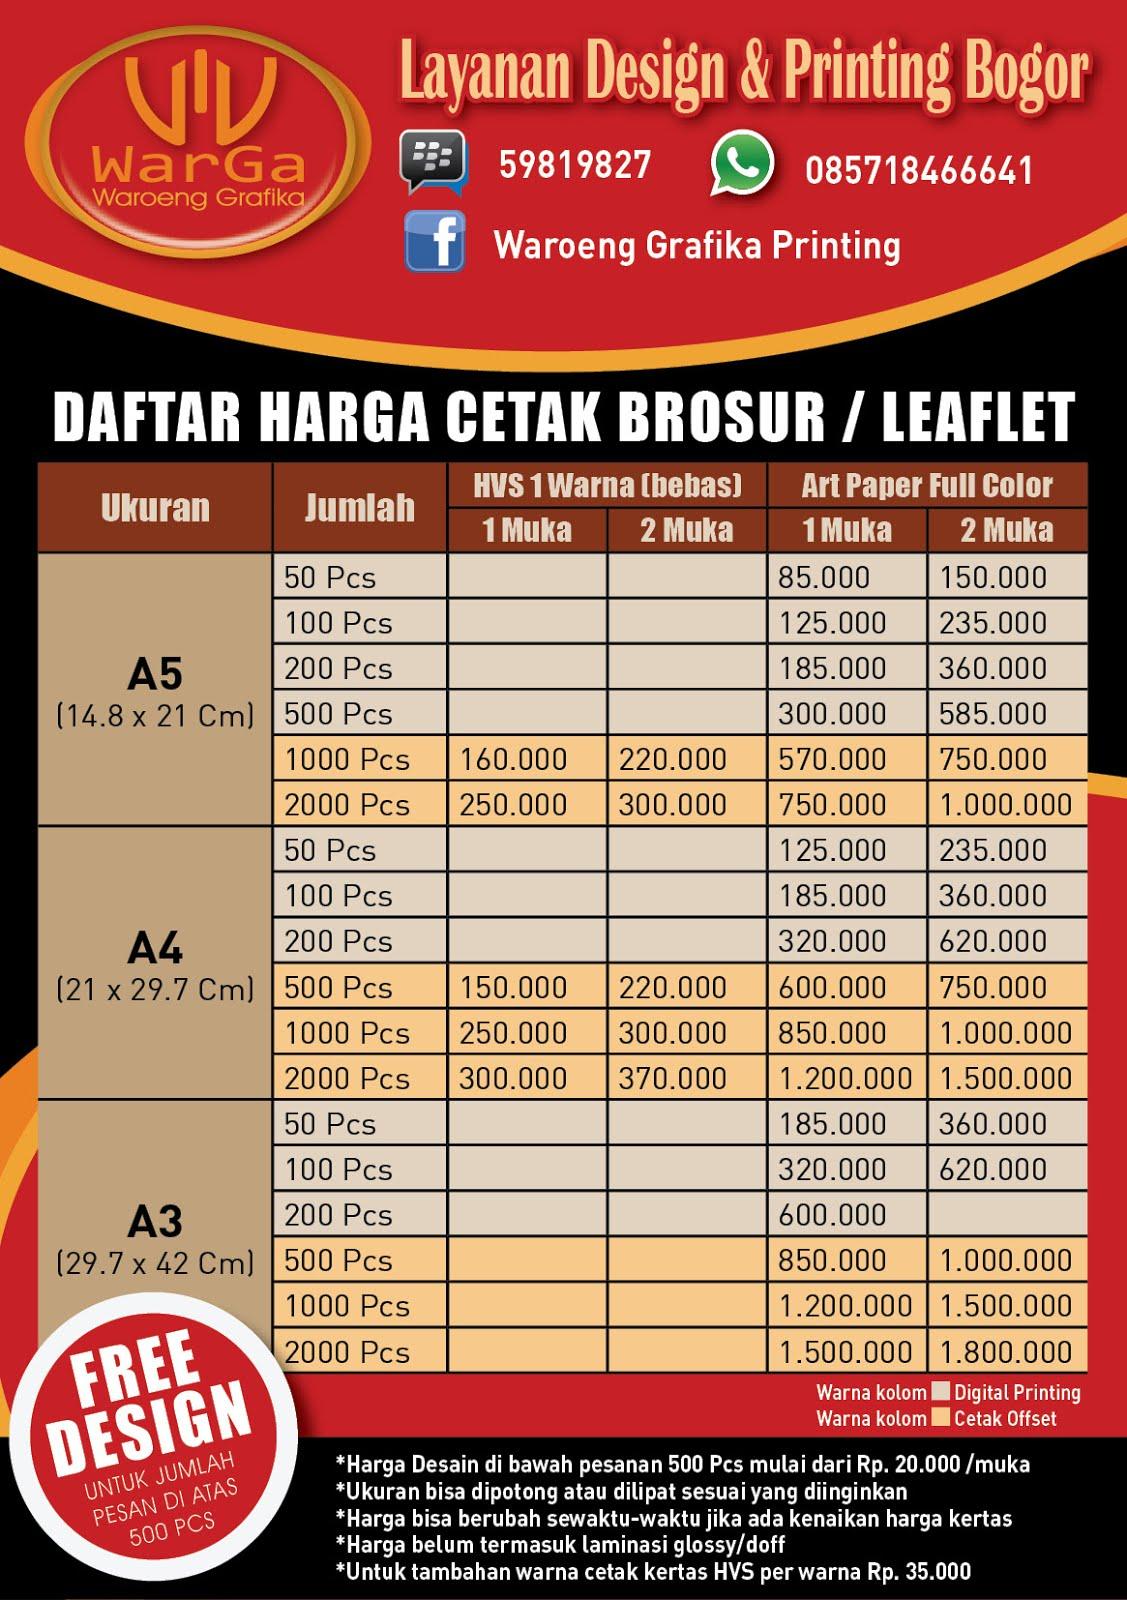 Waroeng Grafika: Desain & Cetak Brosur Murah Bogor